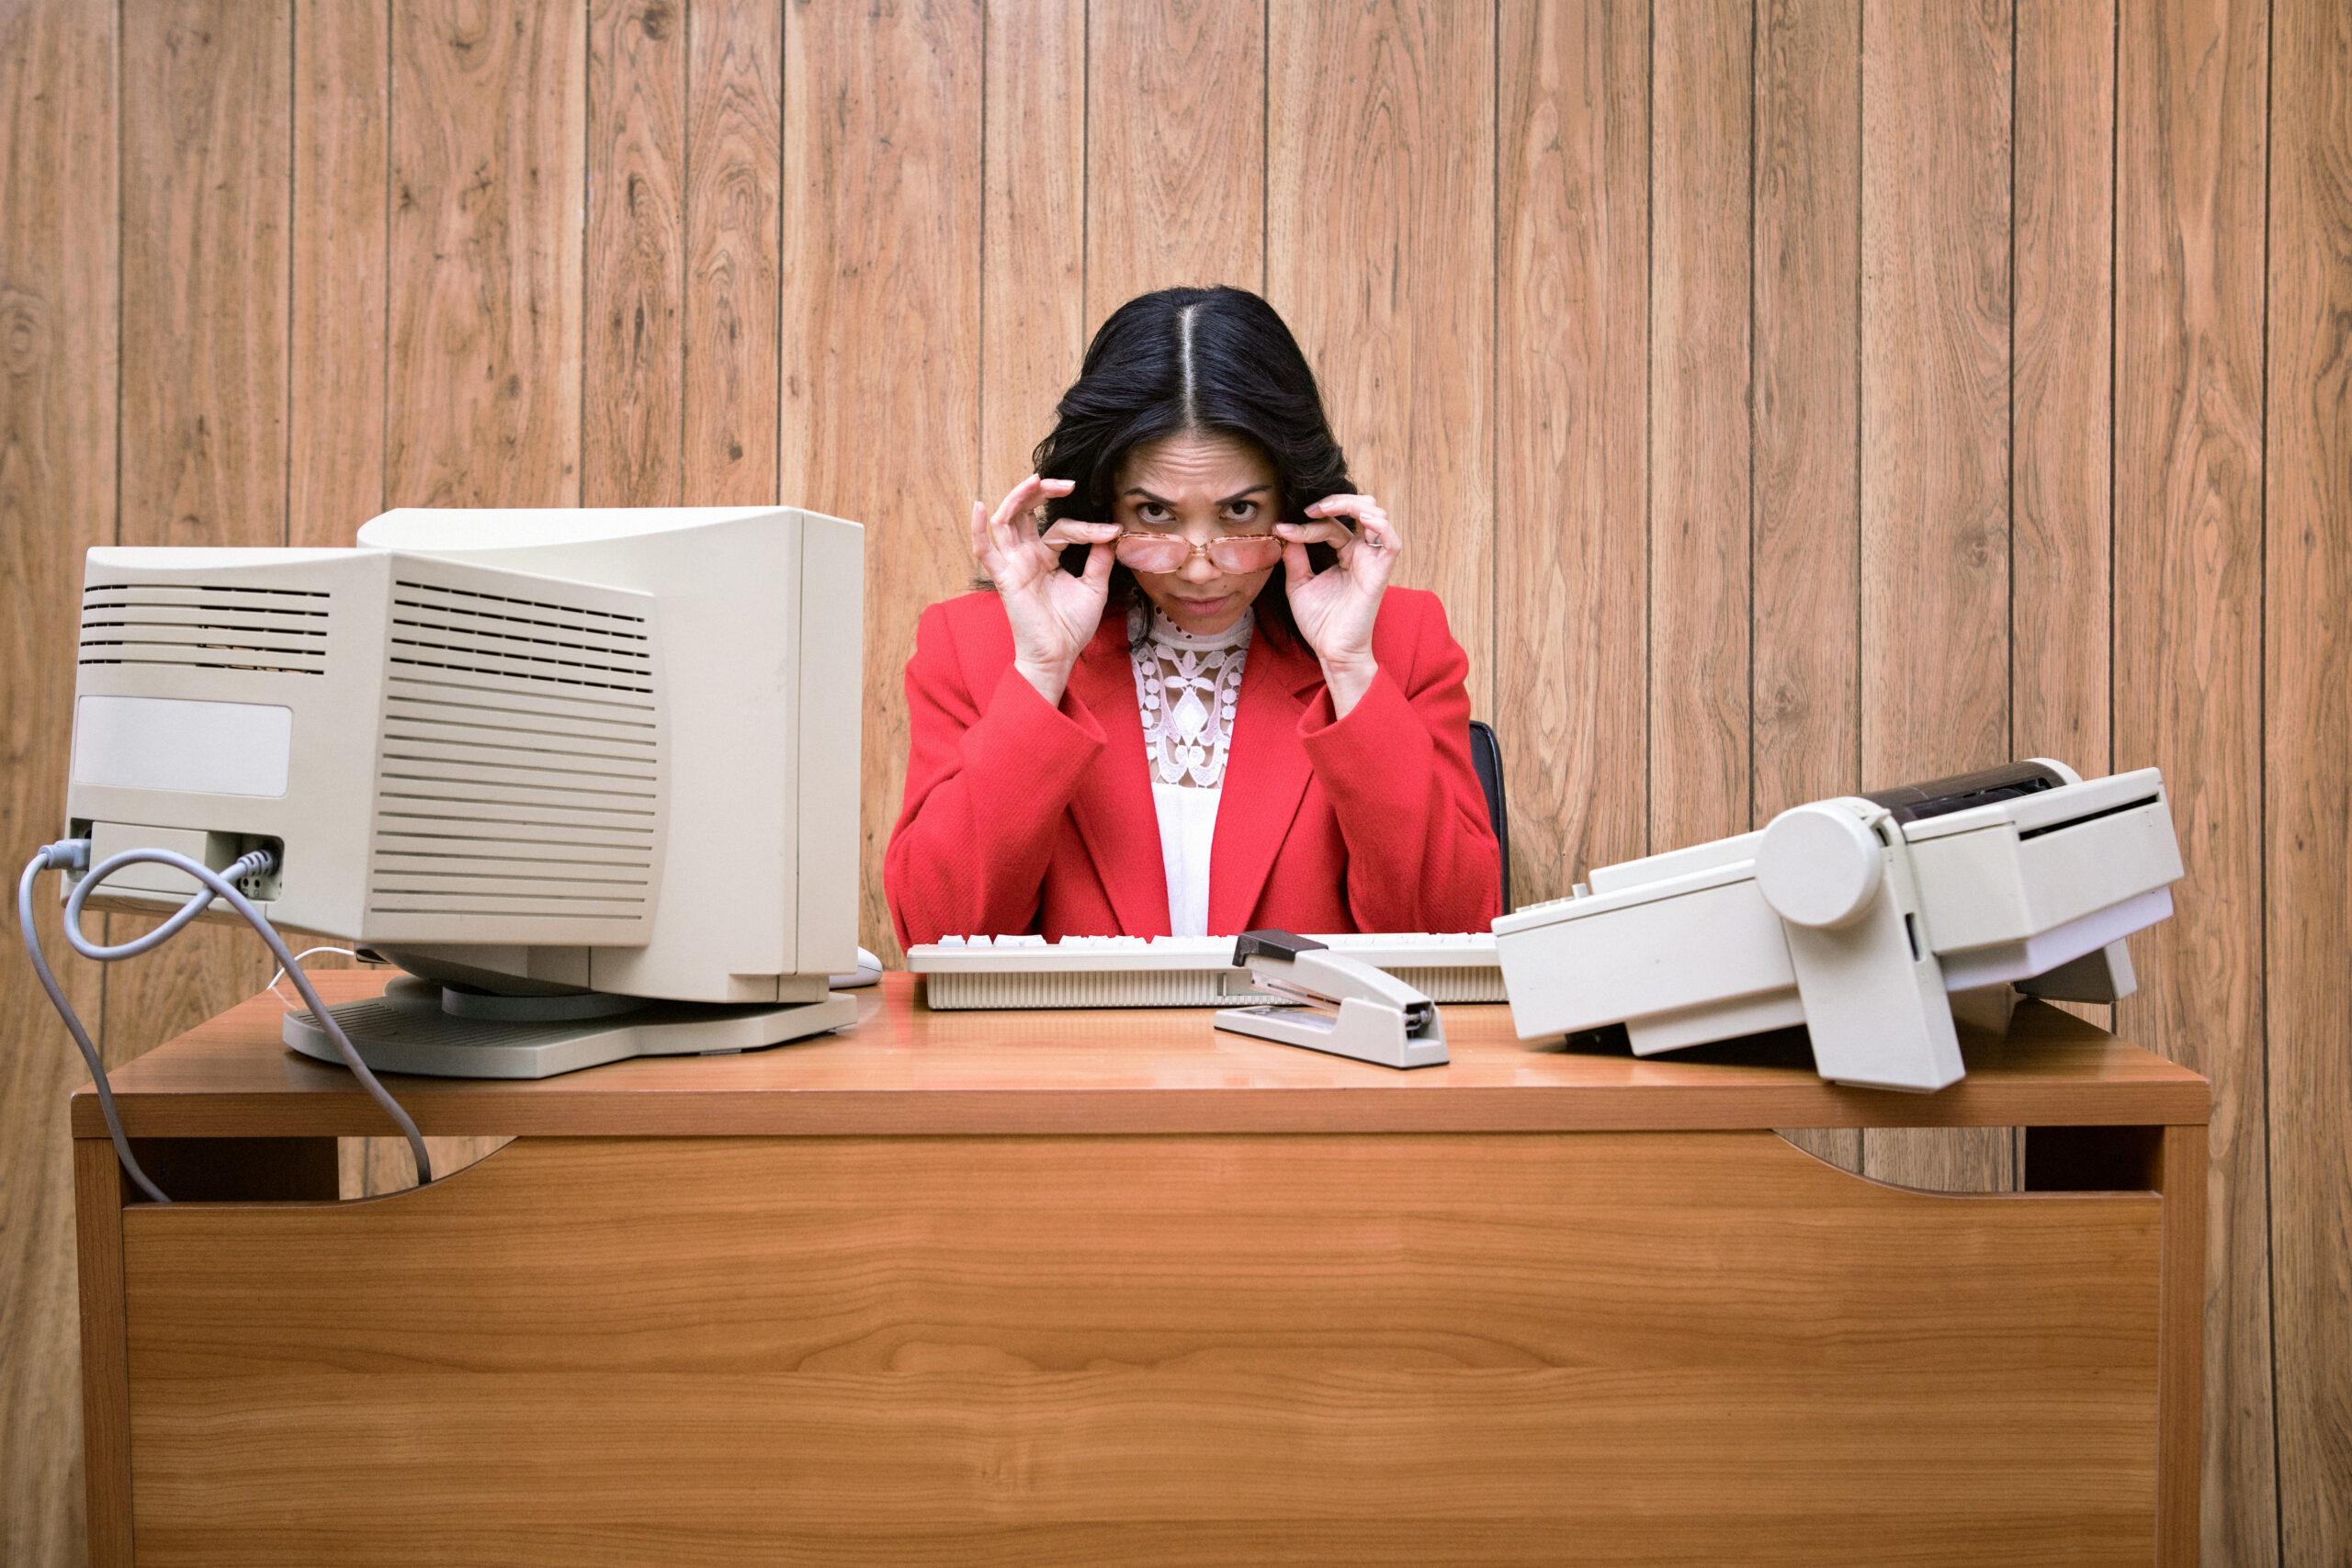 Eine Vintage-Geschäftsfrau im Büro arbeitet an einem alten Computer an ihrem Schreibtisch. 1980er/1990er Jahre Mode-Stil. Holzverkleidung an der Wand im Hintergrund.